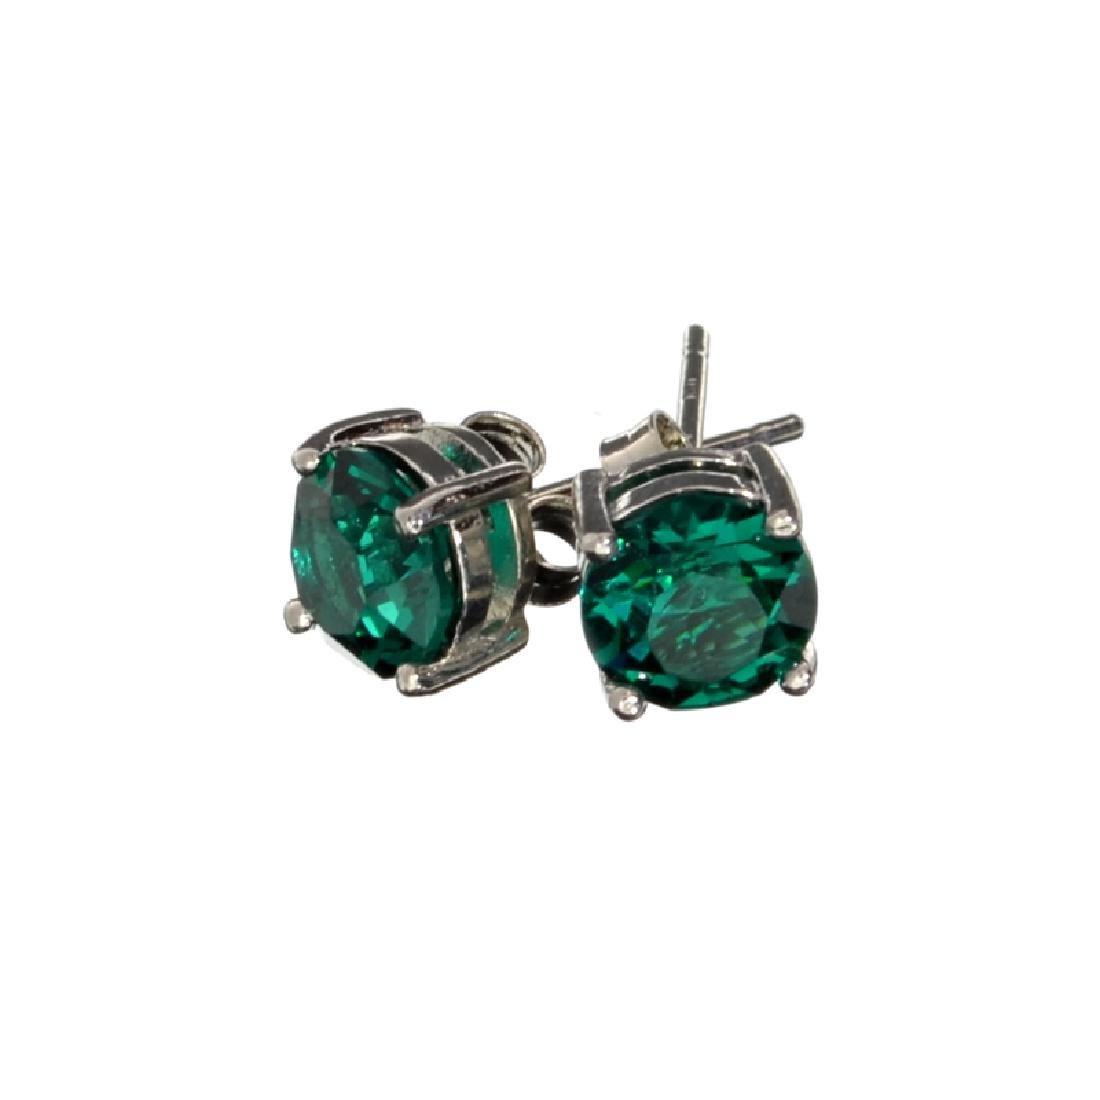 Silver Tone Swarovski Ements Earrings